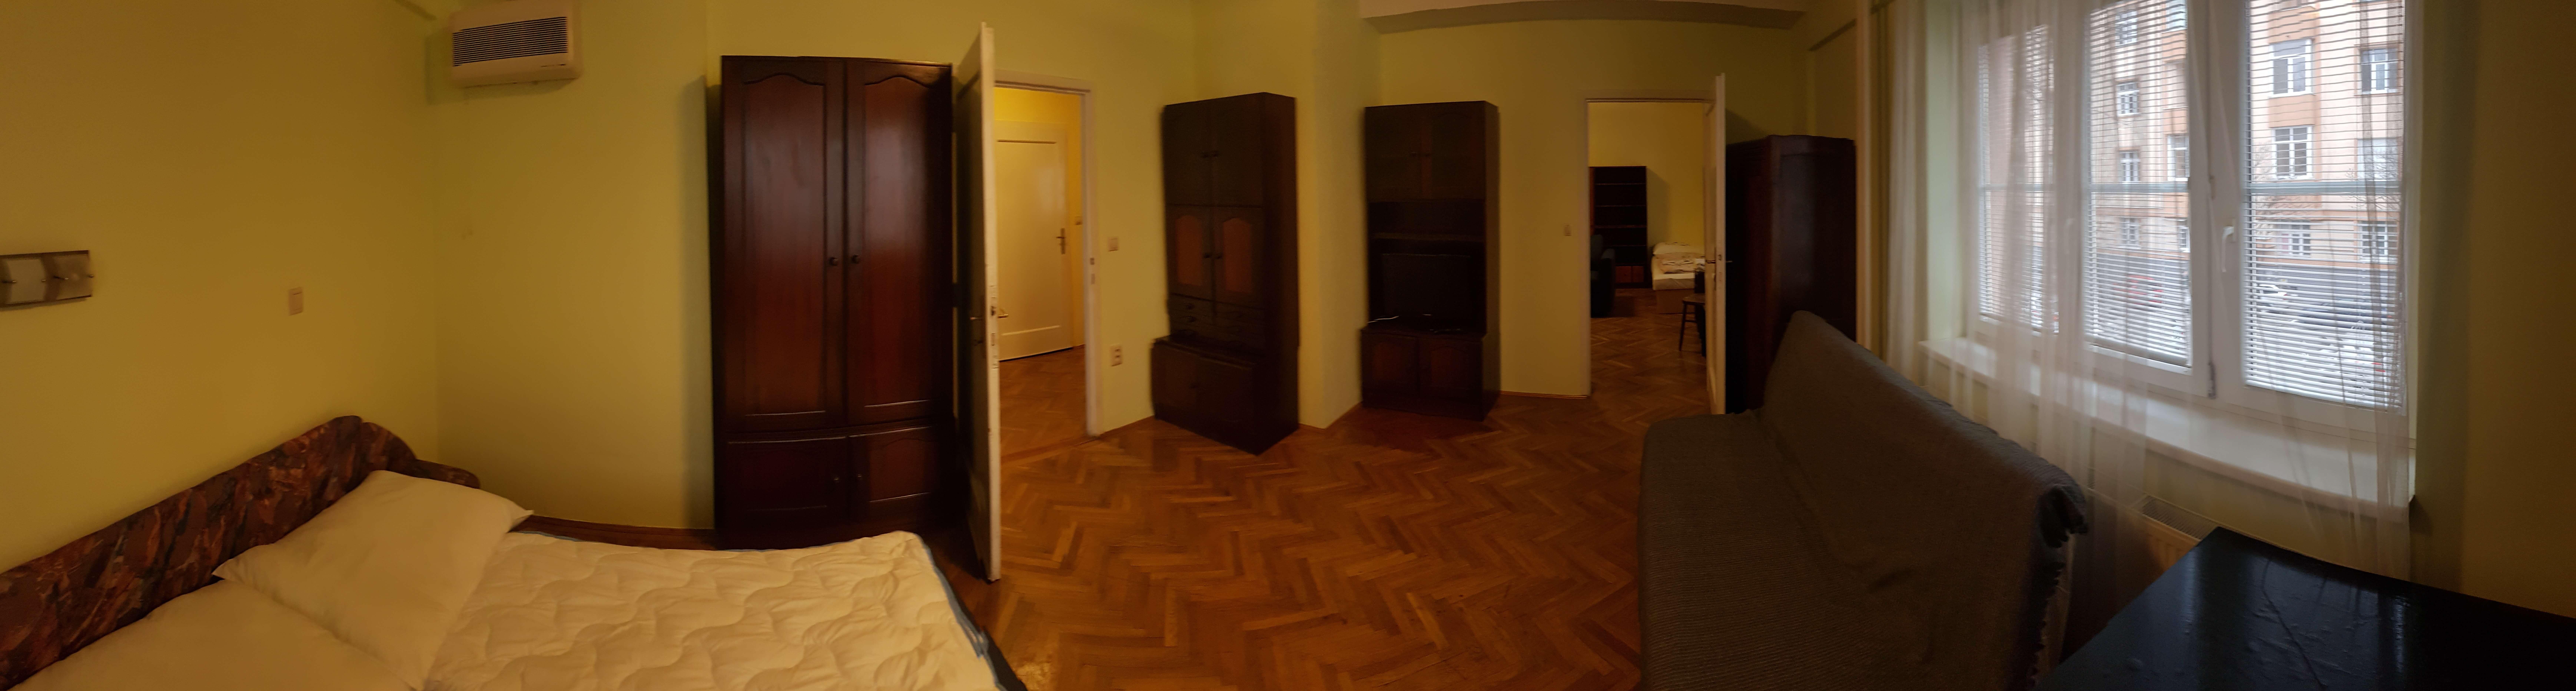 Predaj exkluzívneho 2 izb. bytu, staré mesto, Šancová ulica, Bratislava, 75m2, kompletne zariadený-28